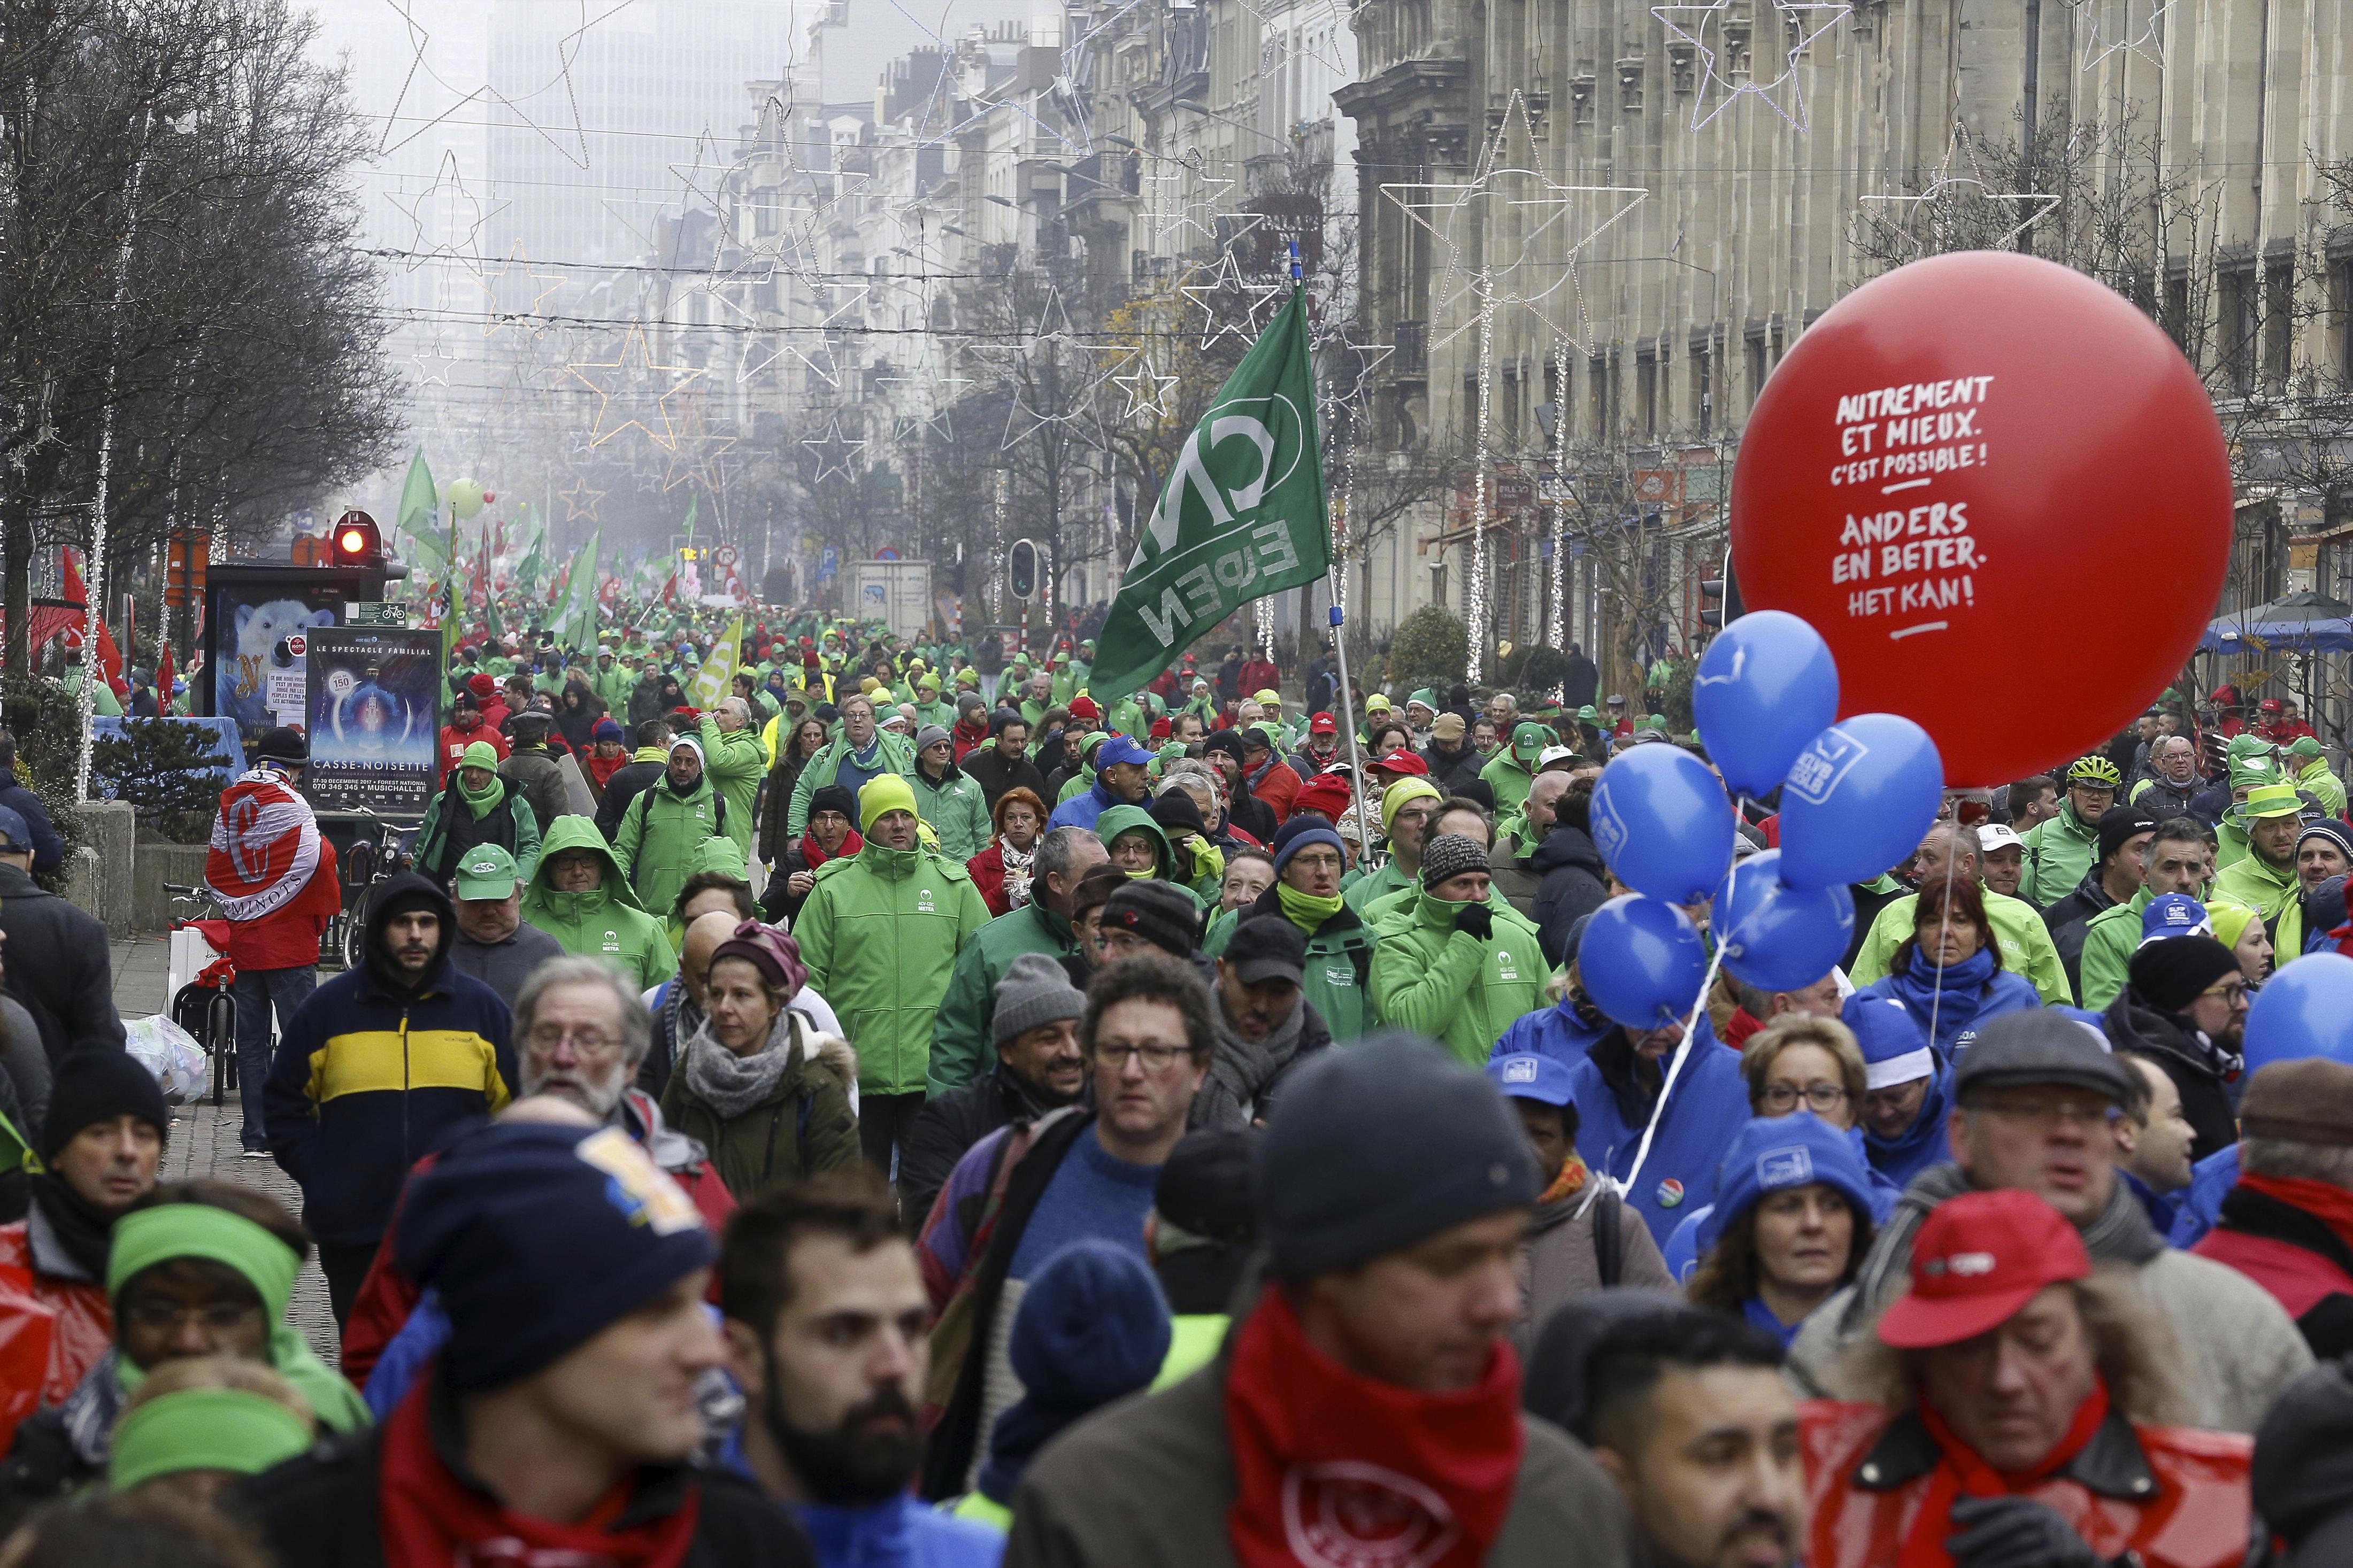 foto betoging met leden van de 3 vakbonden